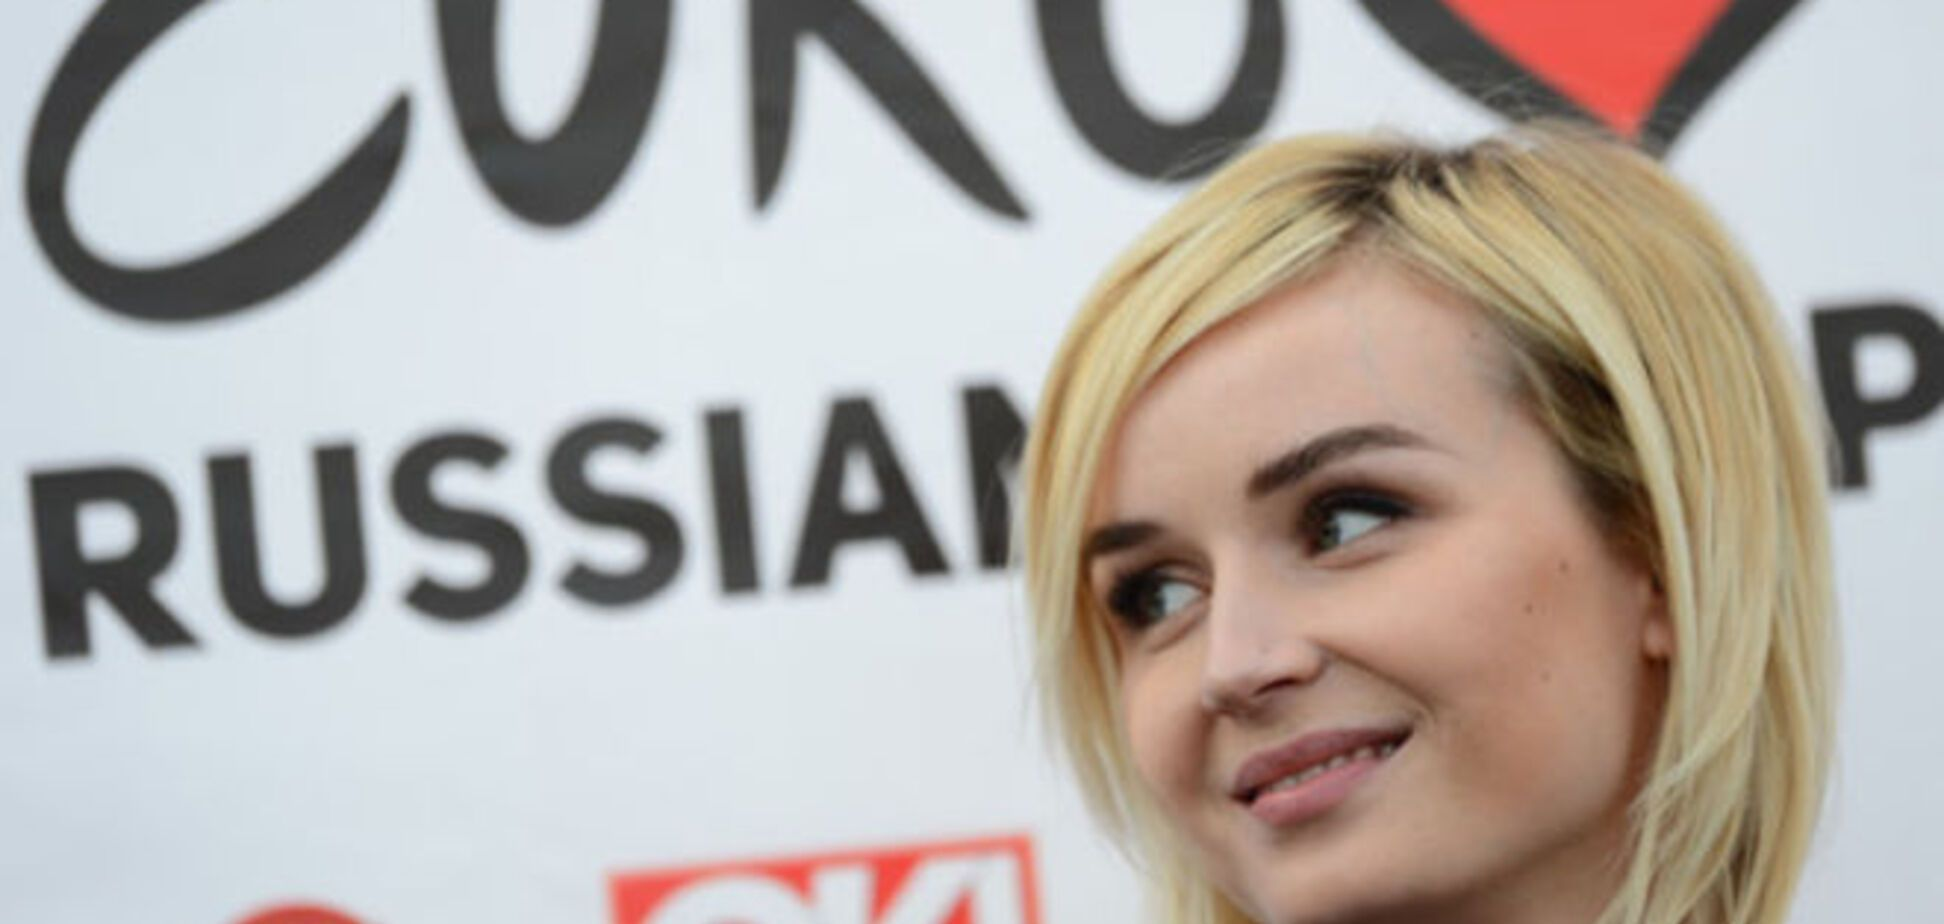 Песня России на 'Евровидении' о мире вызывает отвращение – СМИ США